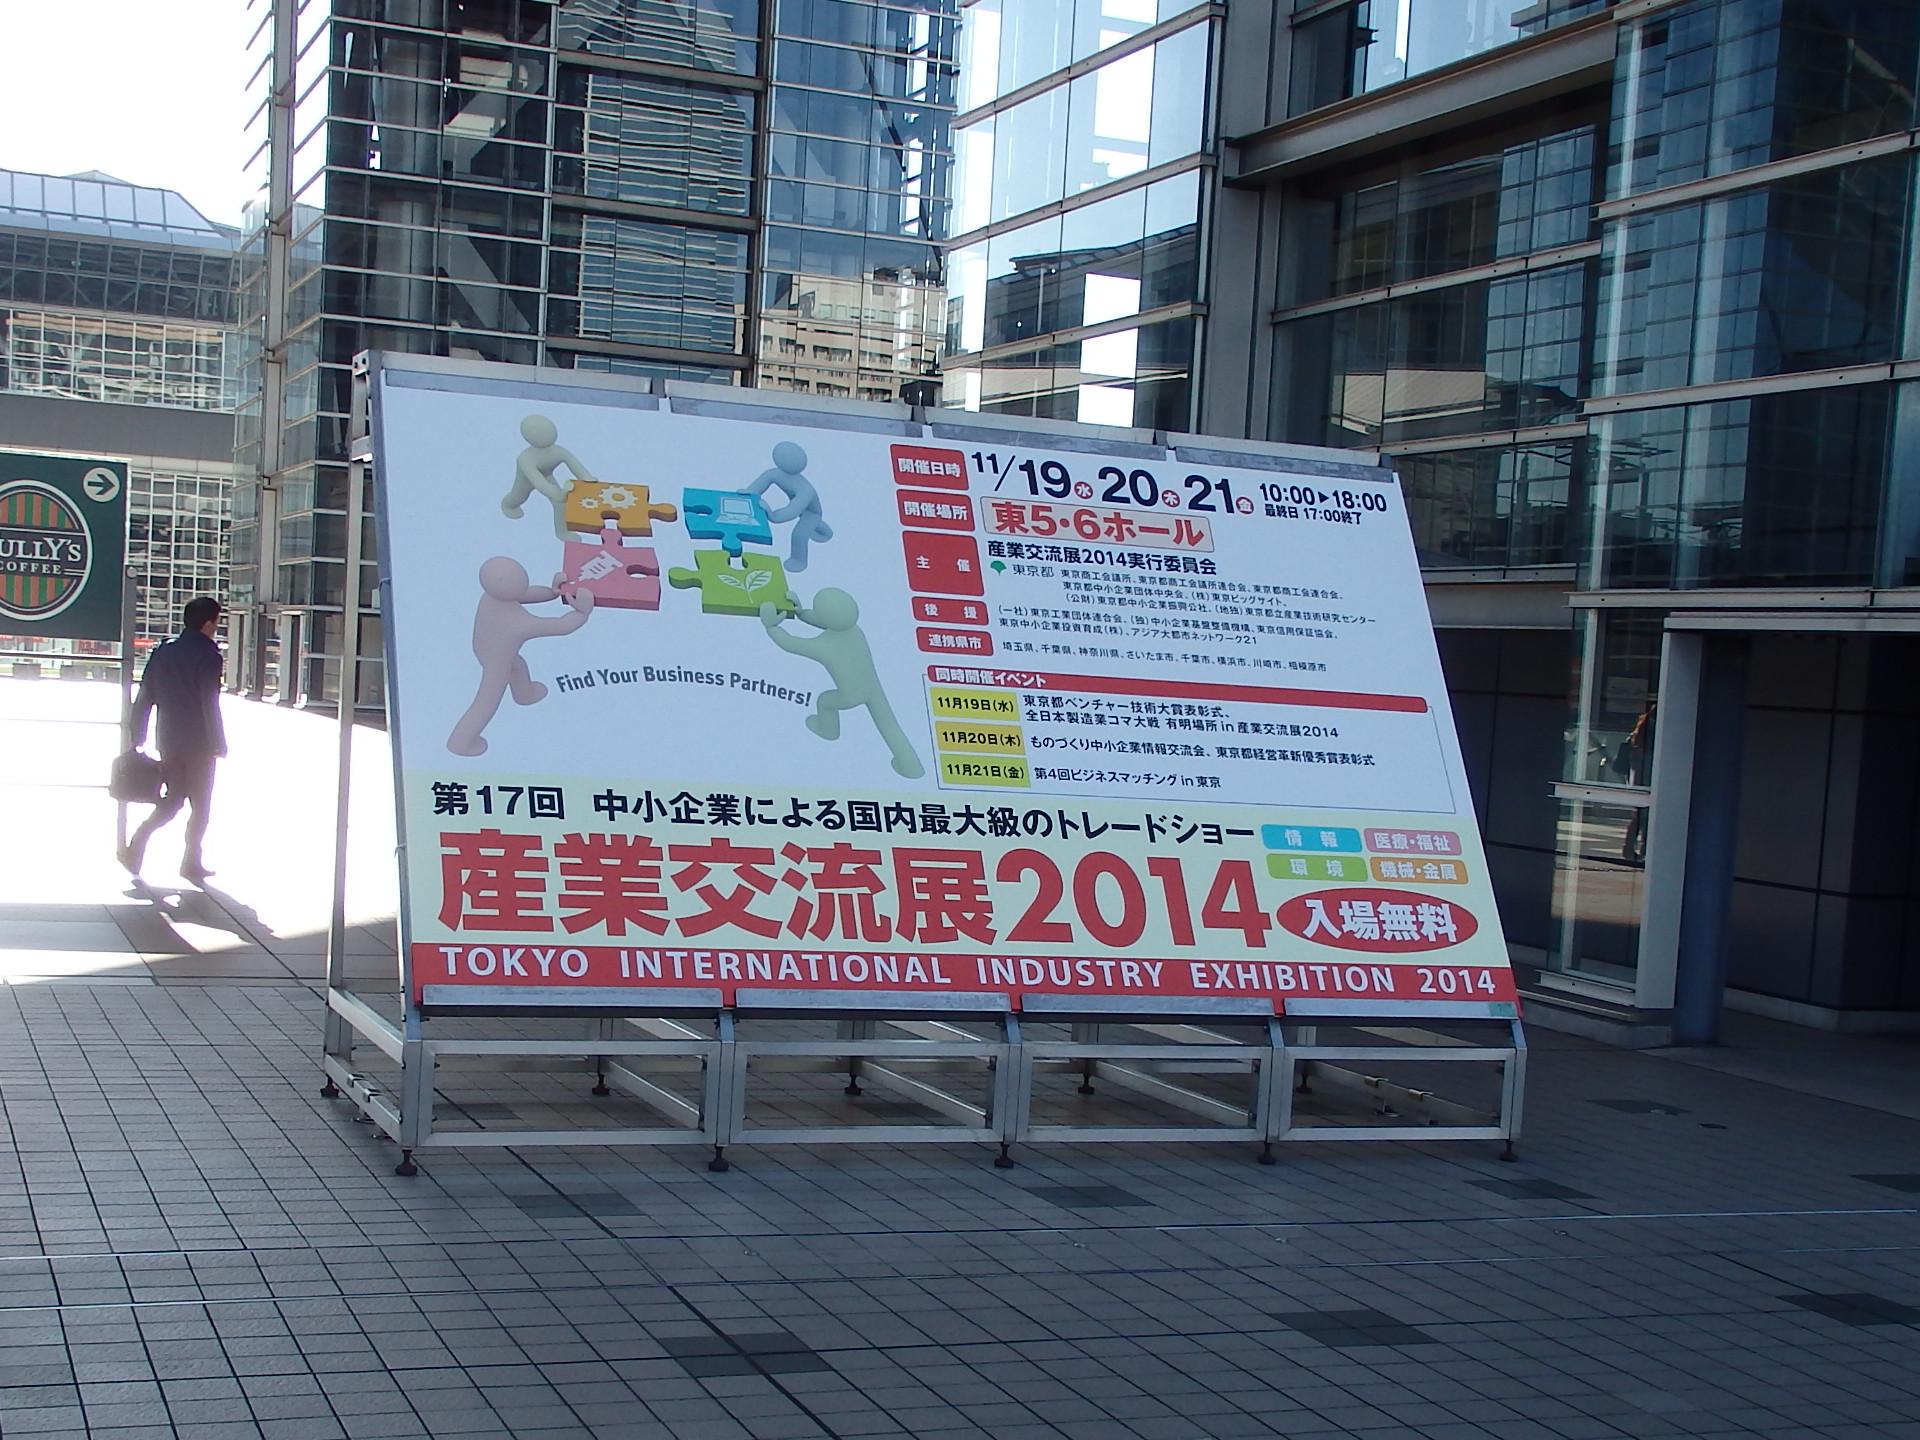 産業交流展2014を見学しました。